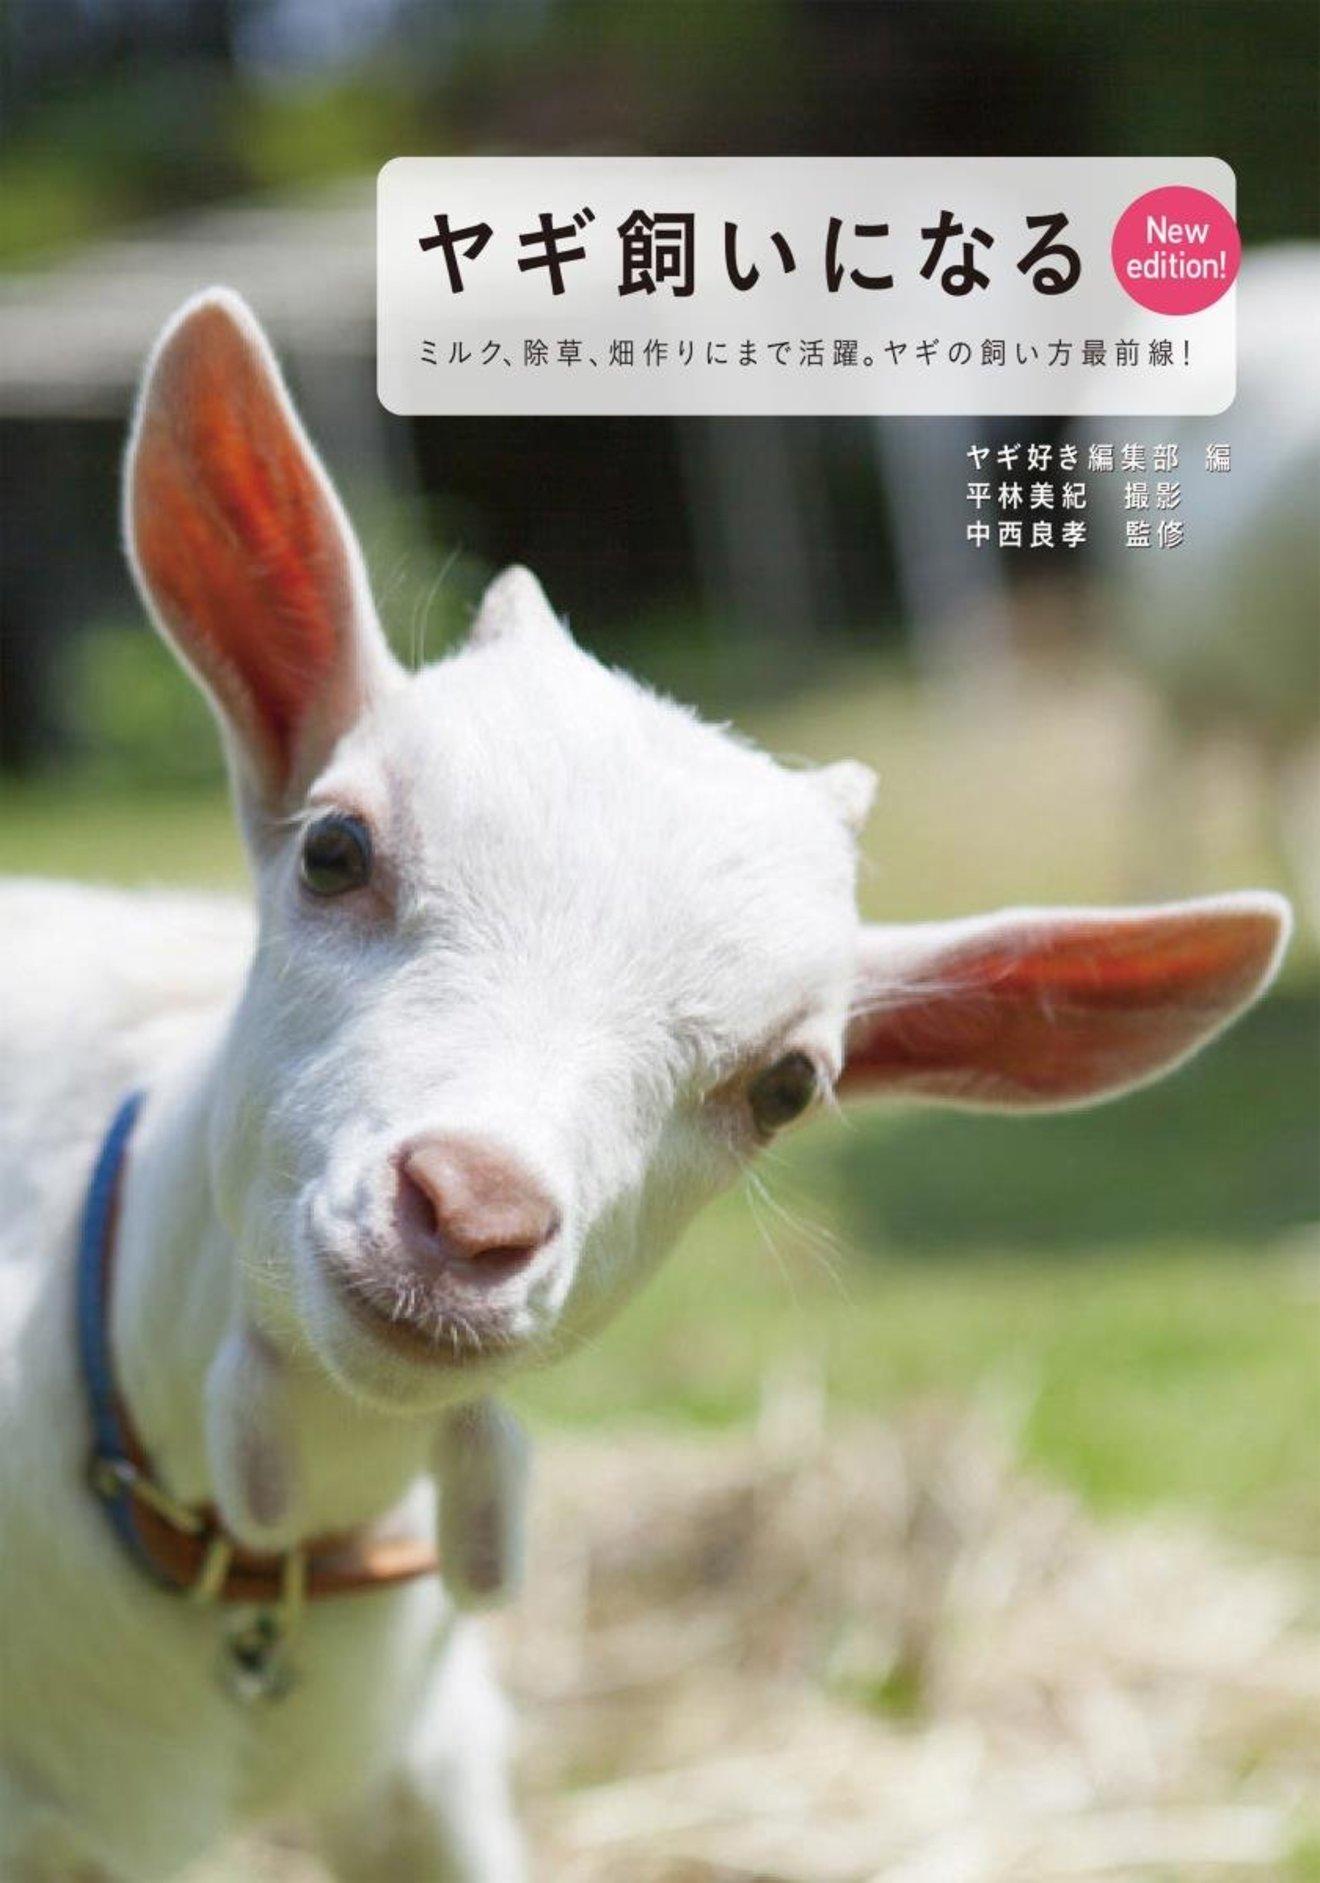 ヤギの目ってどうなってるの?生態から飼い方まで分かる本を紹介